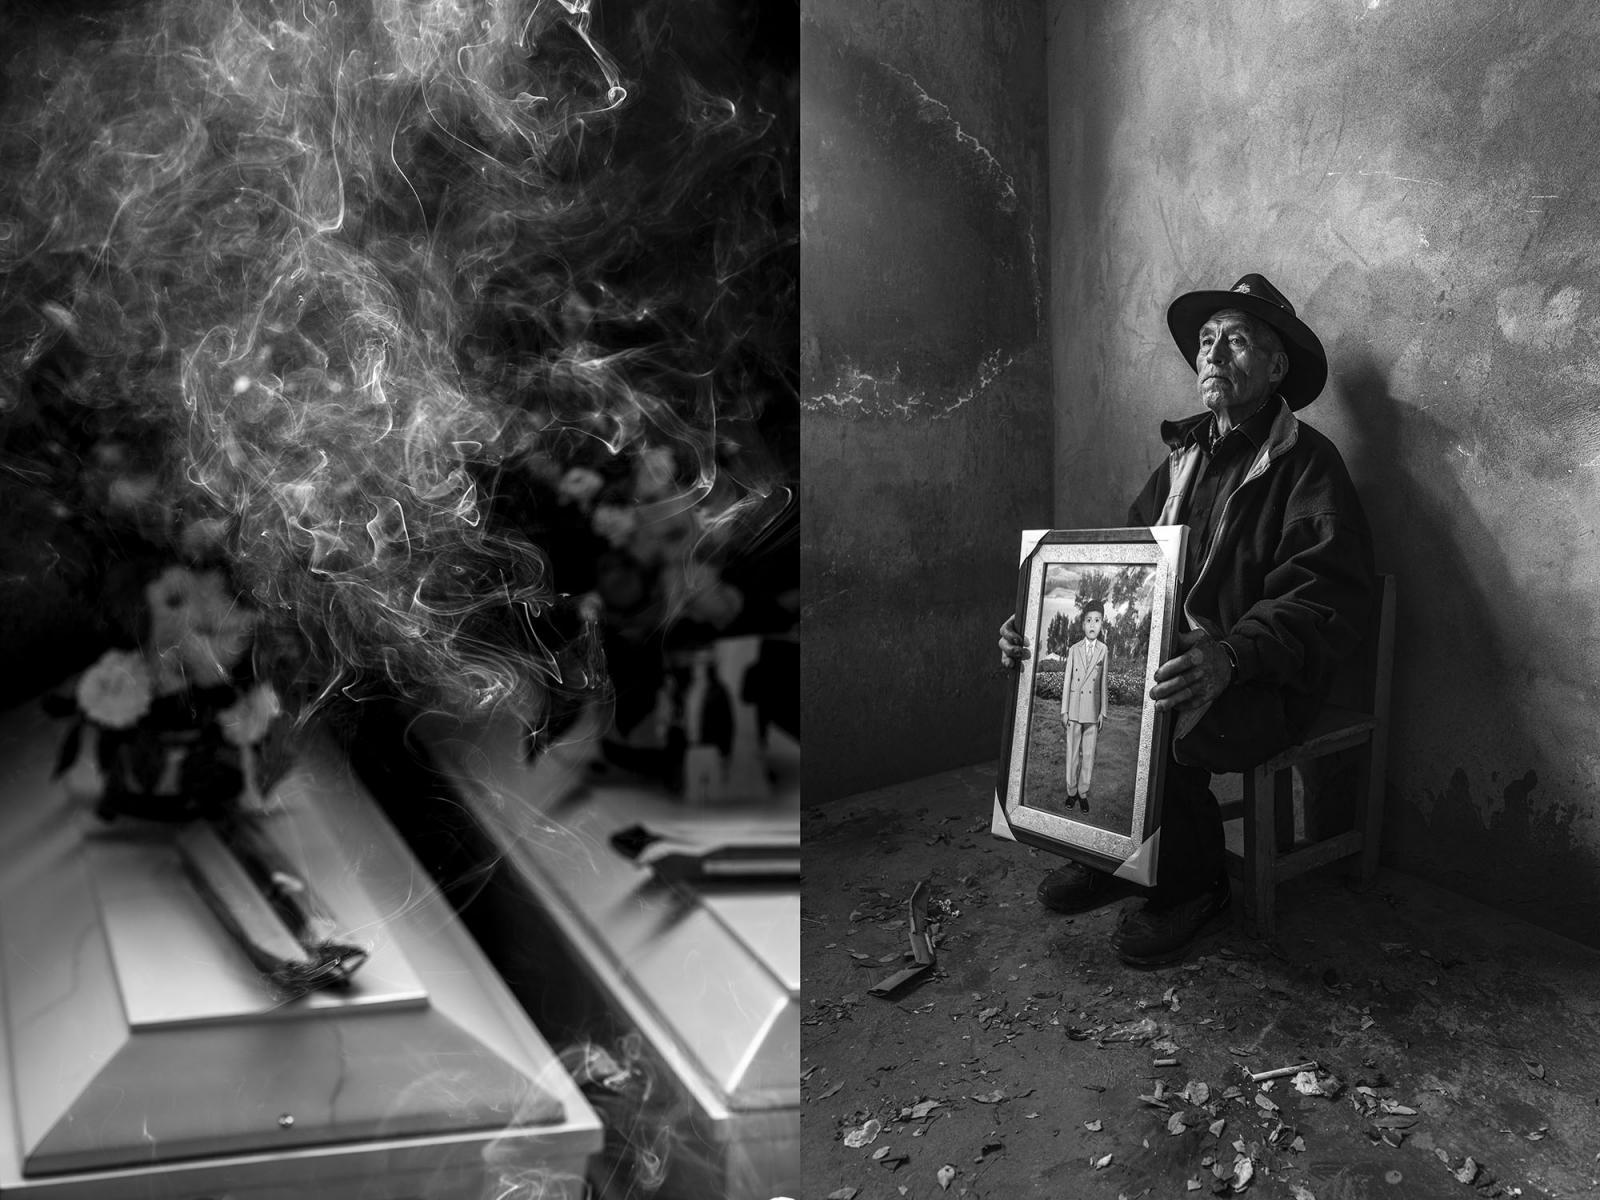 Oswaldo Palomino junto a la foto de su hijo Oswaldo, quien tenia 15 años cuando fue llevado por integrantes de Sendero Luminoso. Su esposa no pudo asistir al velorio de su hijo, porque ya no podía caminar.